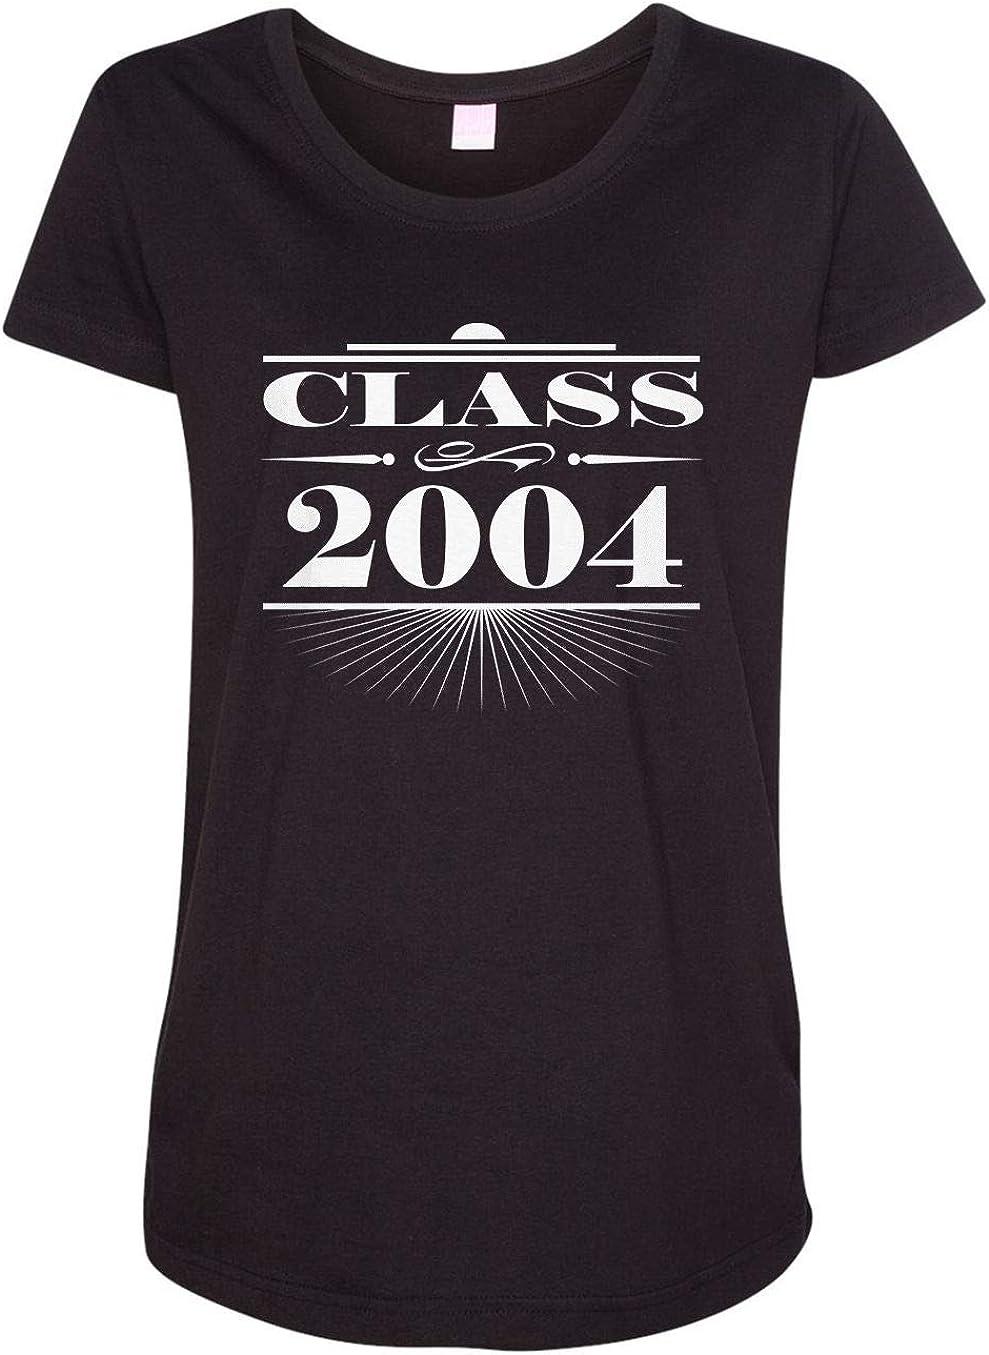 HARD EDGE DESIGN Women's Art Deco Class of 2004 T-Shirt